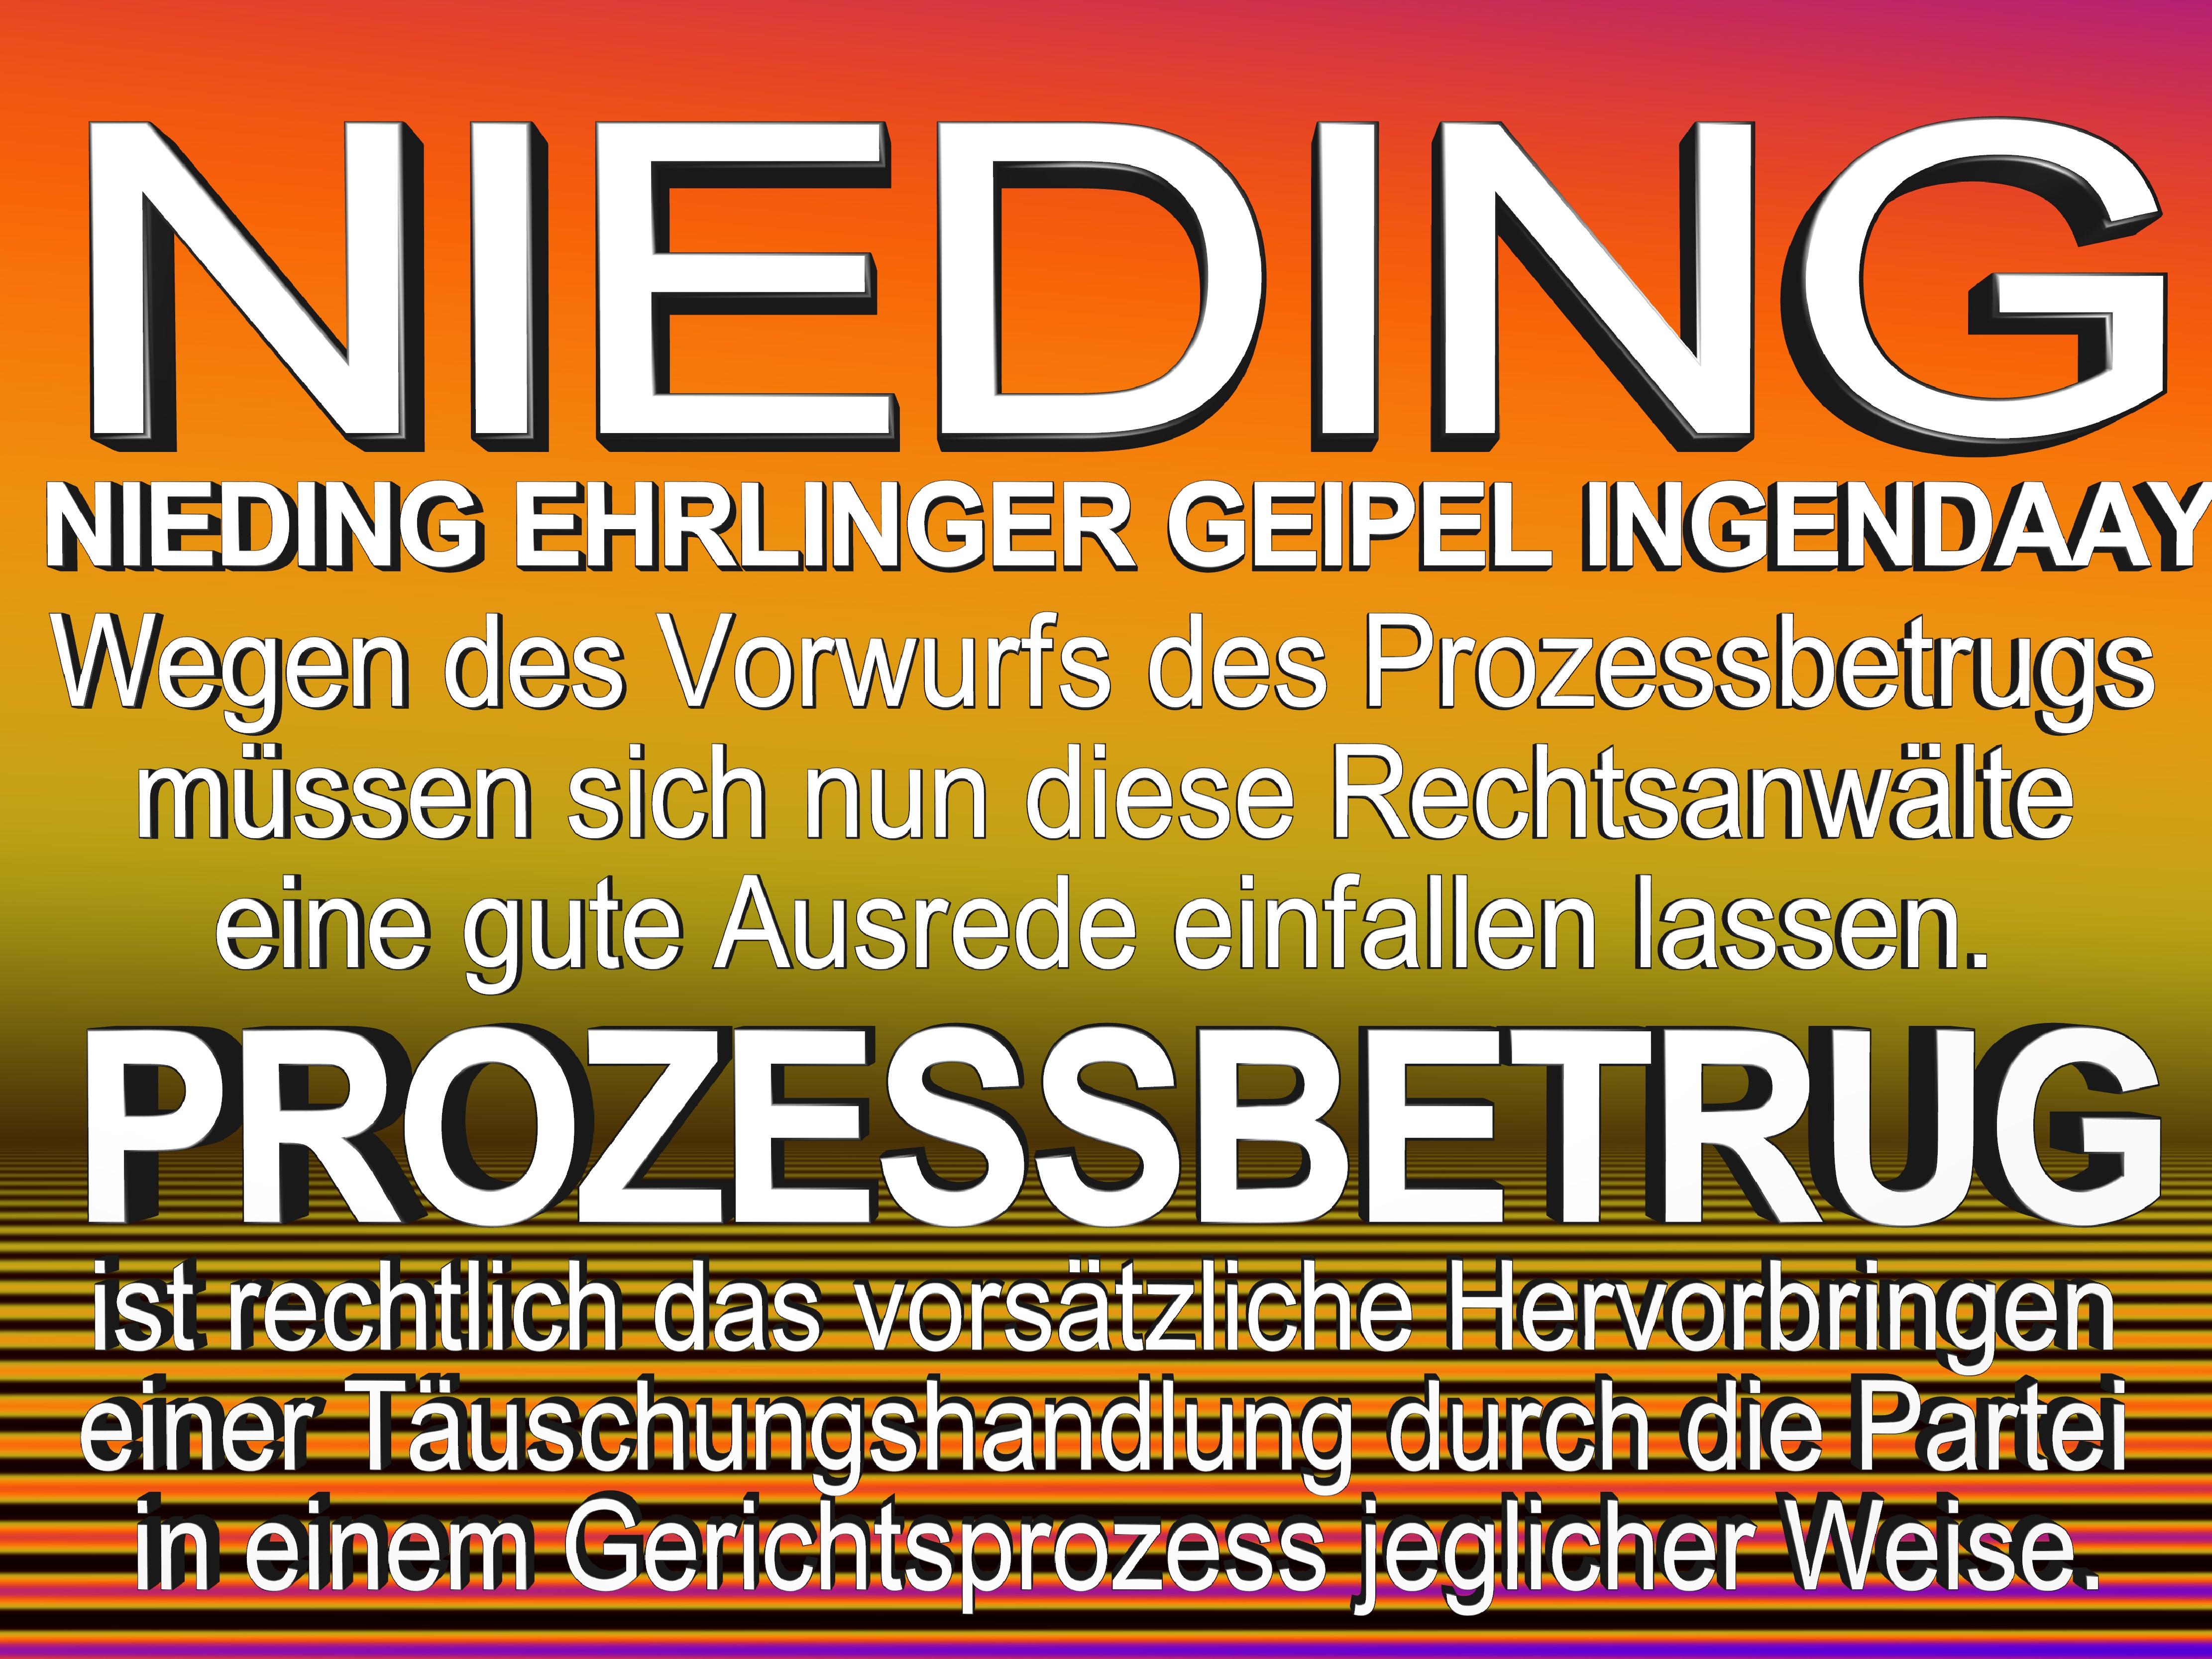 NIEDING EHRLINGER GEIPEL INGENDAAY LELKE Kurfürstendamm 66 Berlin (148)